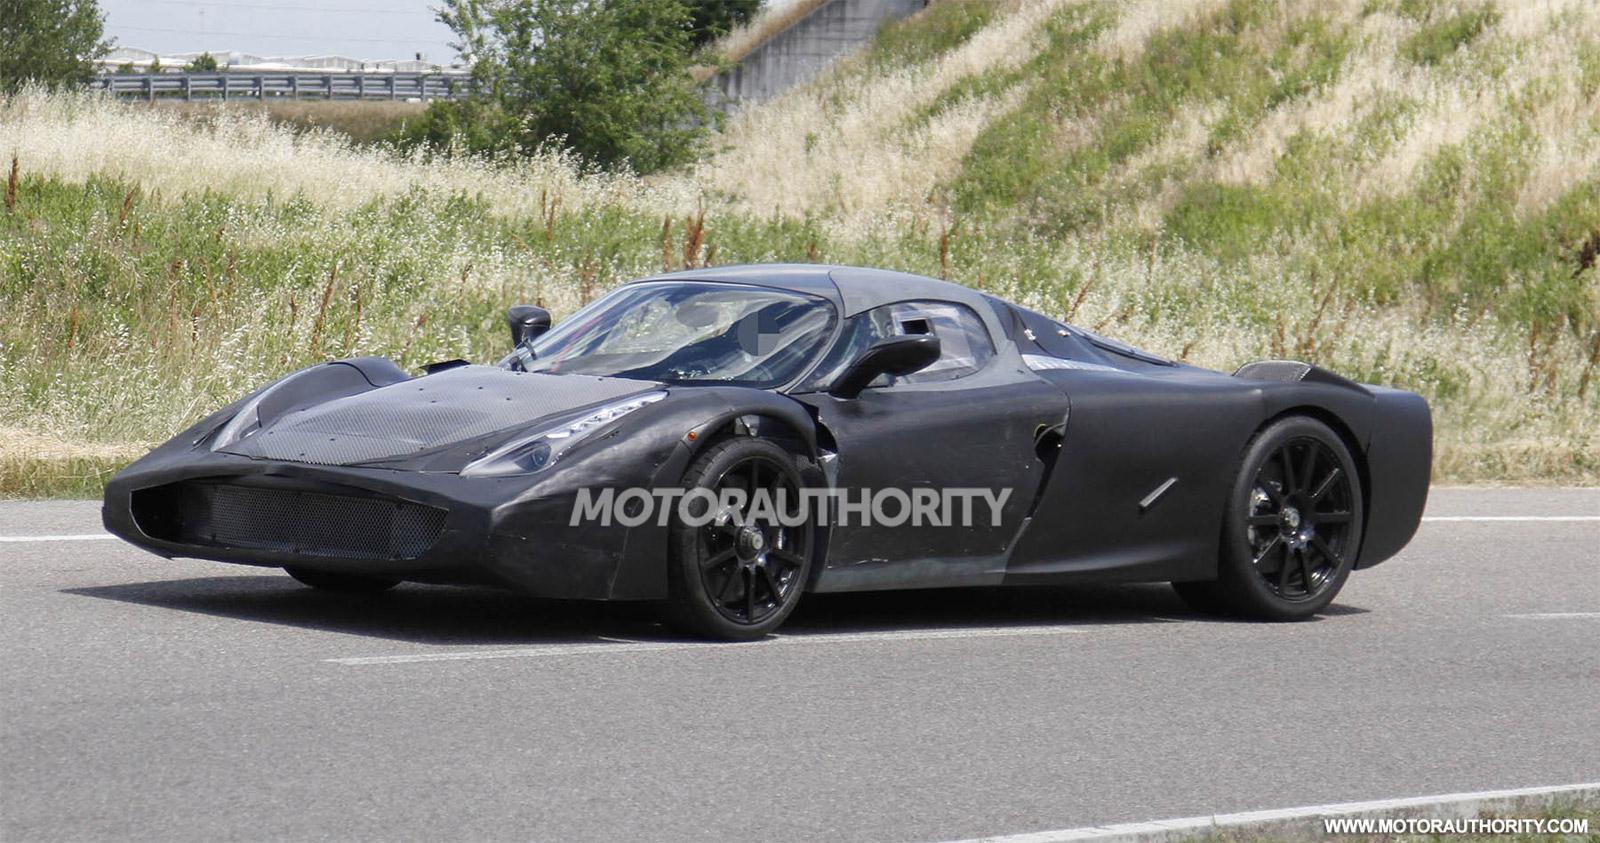 2014 Toyota 4 Runner Ferrari Enzo Replacement (F70) Rumors Claim 2,425-Pound ...